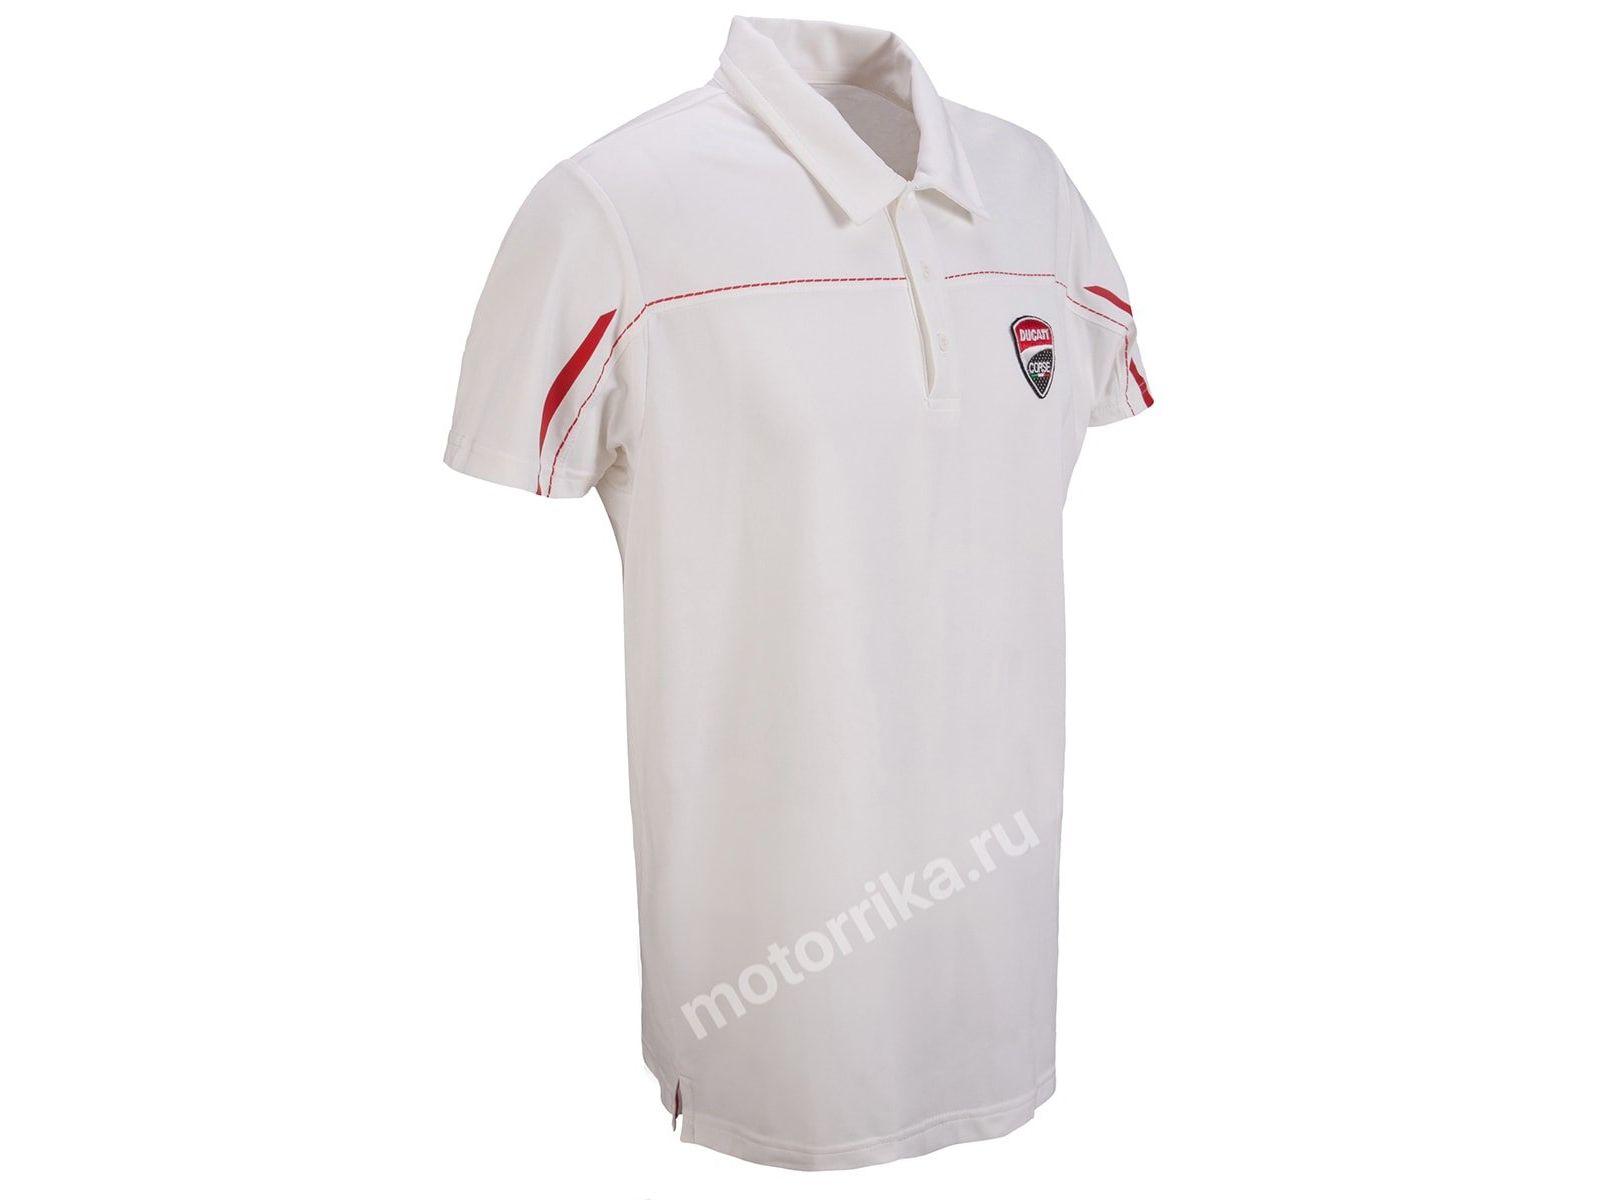 Футболка-поло Ducati Corse 14 White